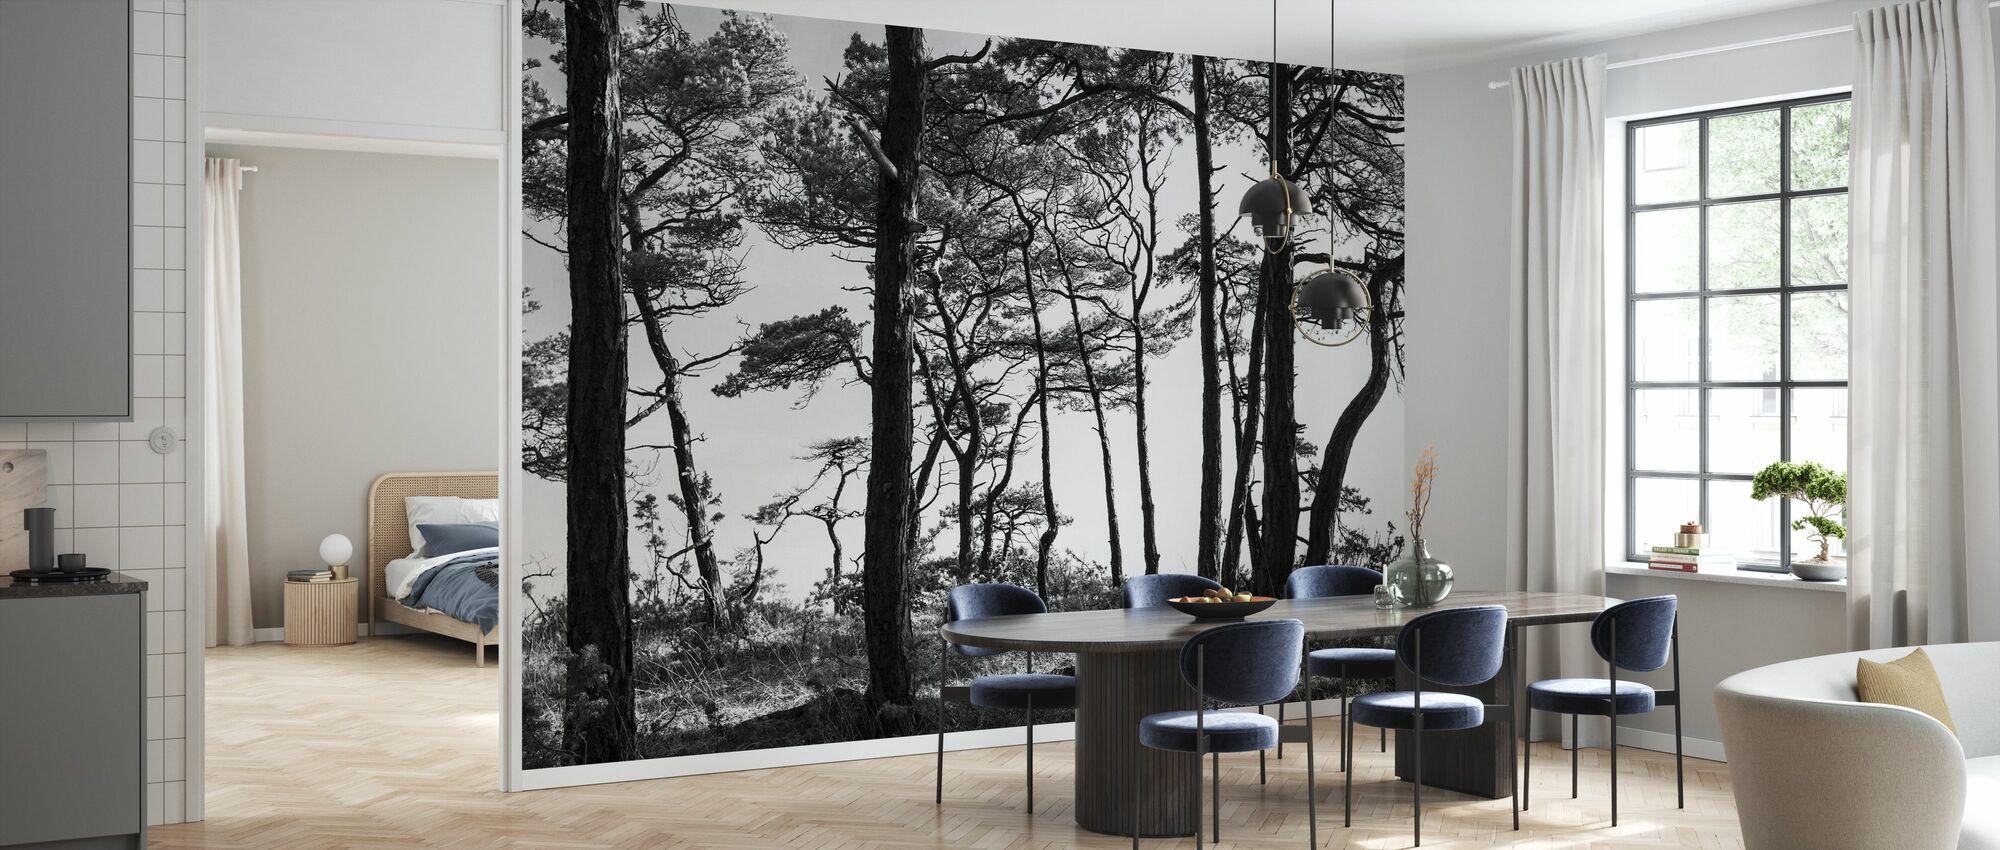 Zwarte dennenbos, zwart en wit - Behang - Keuken